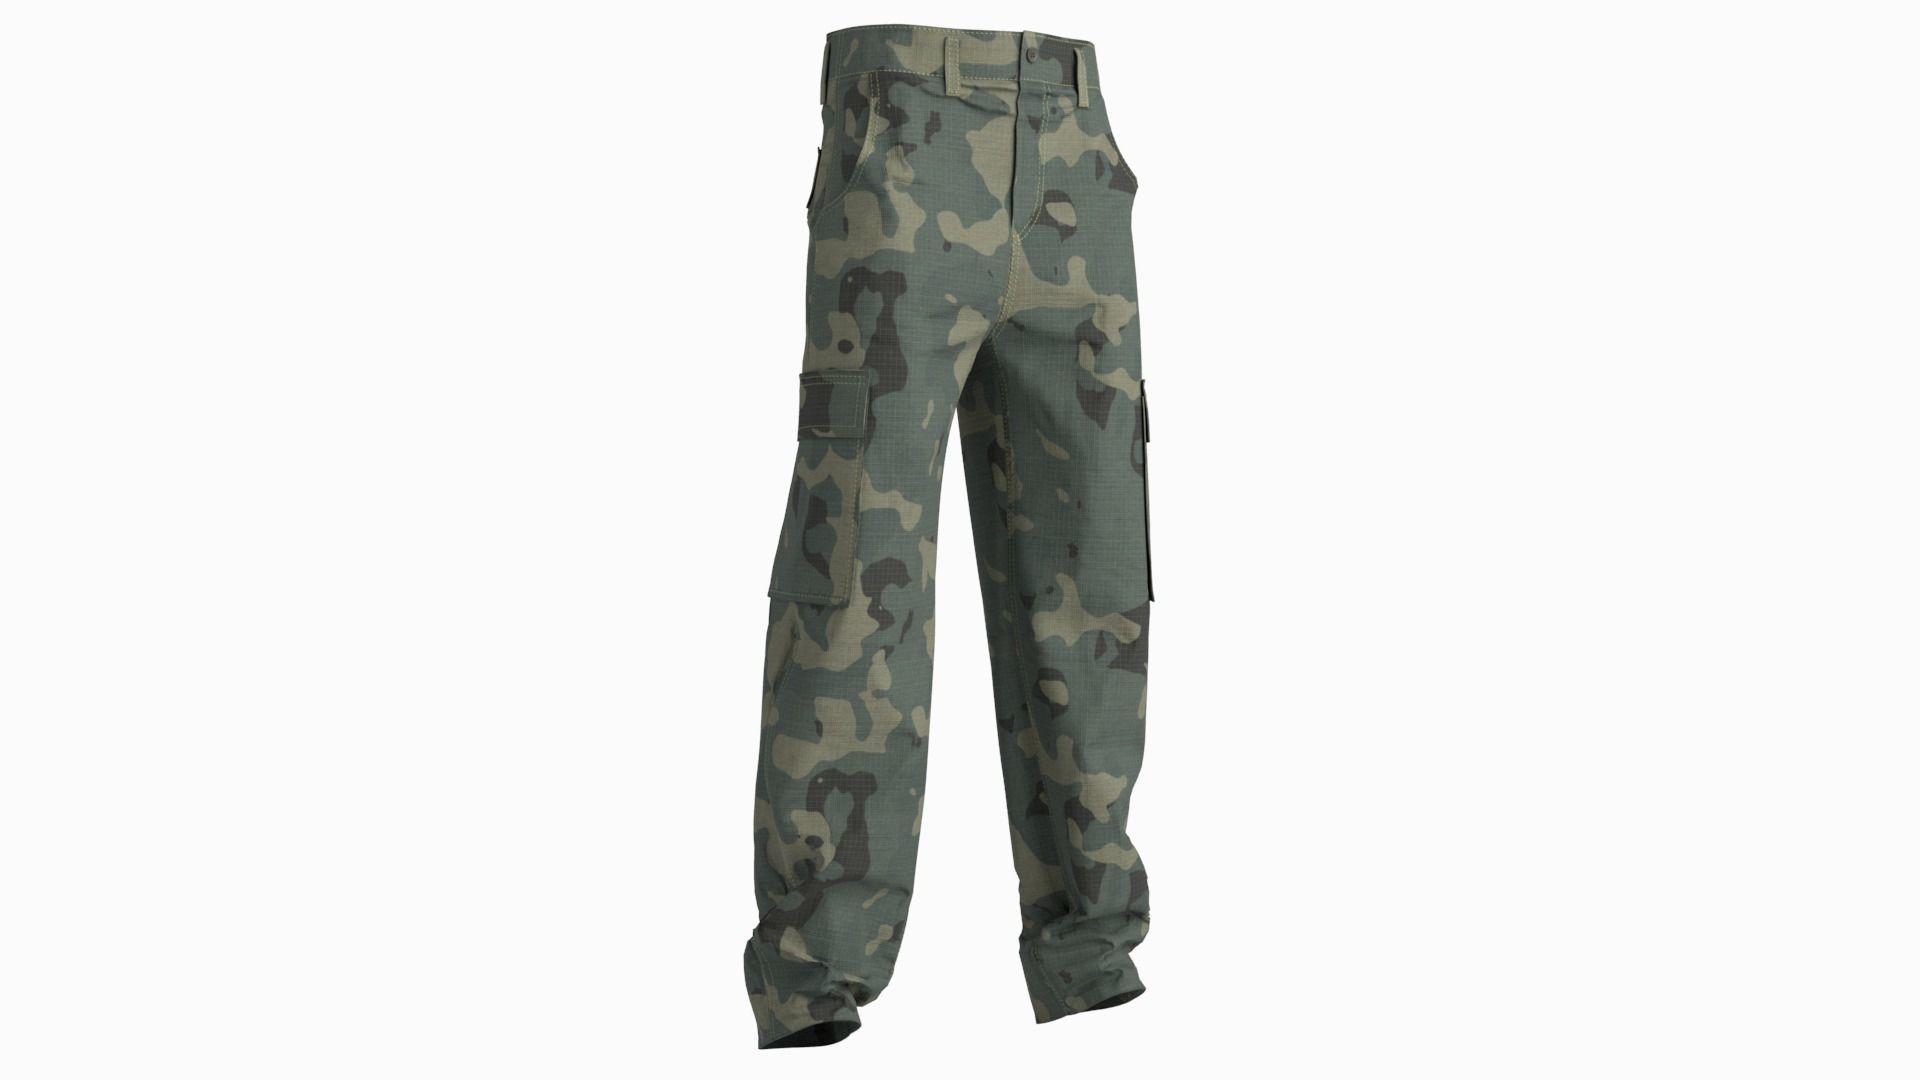 Cargo pants combat green